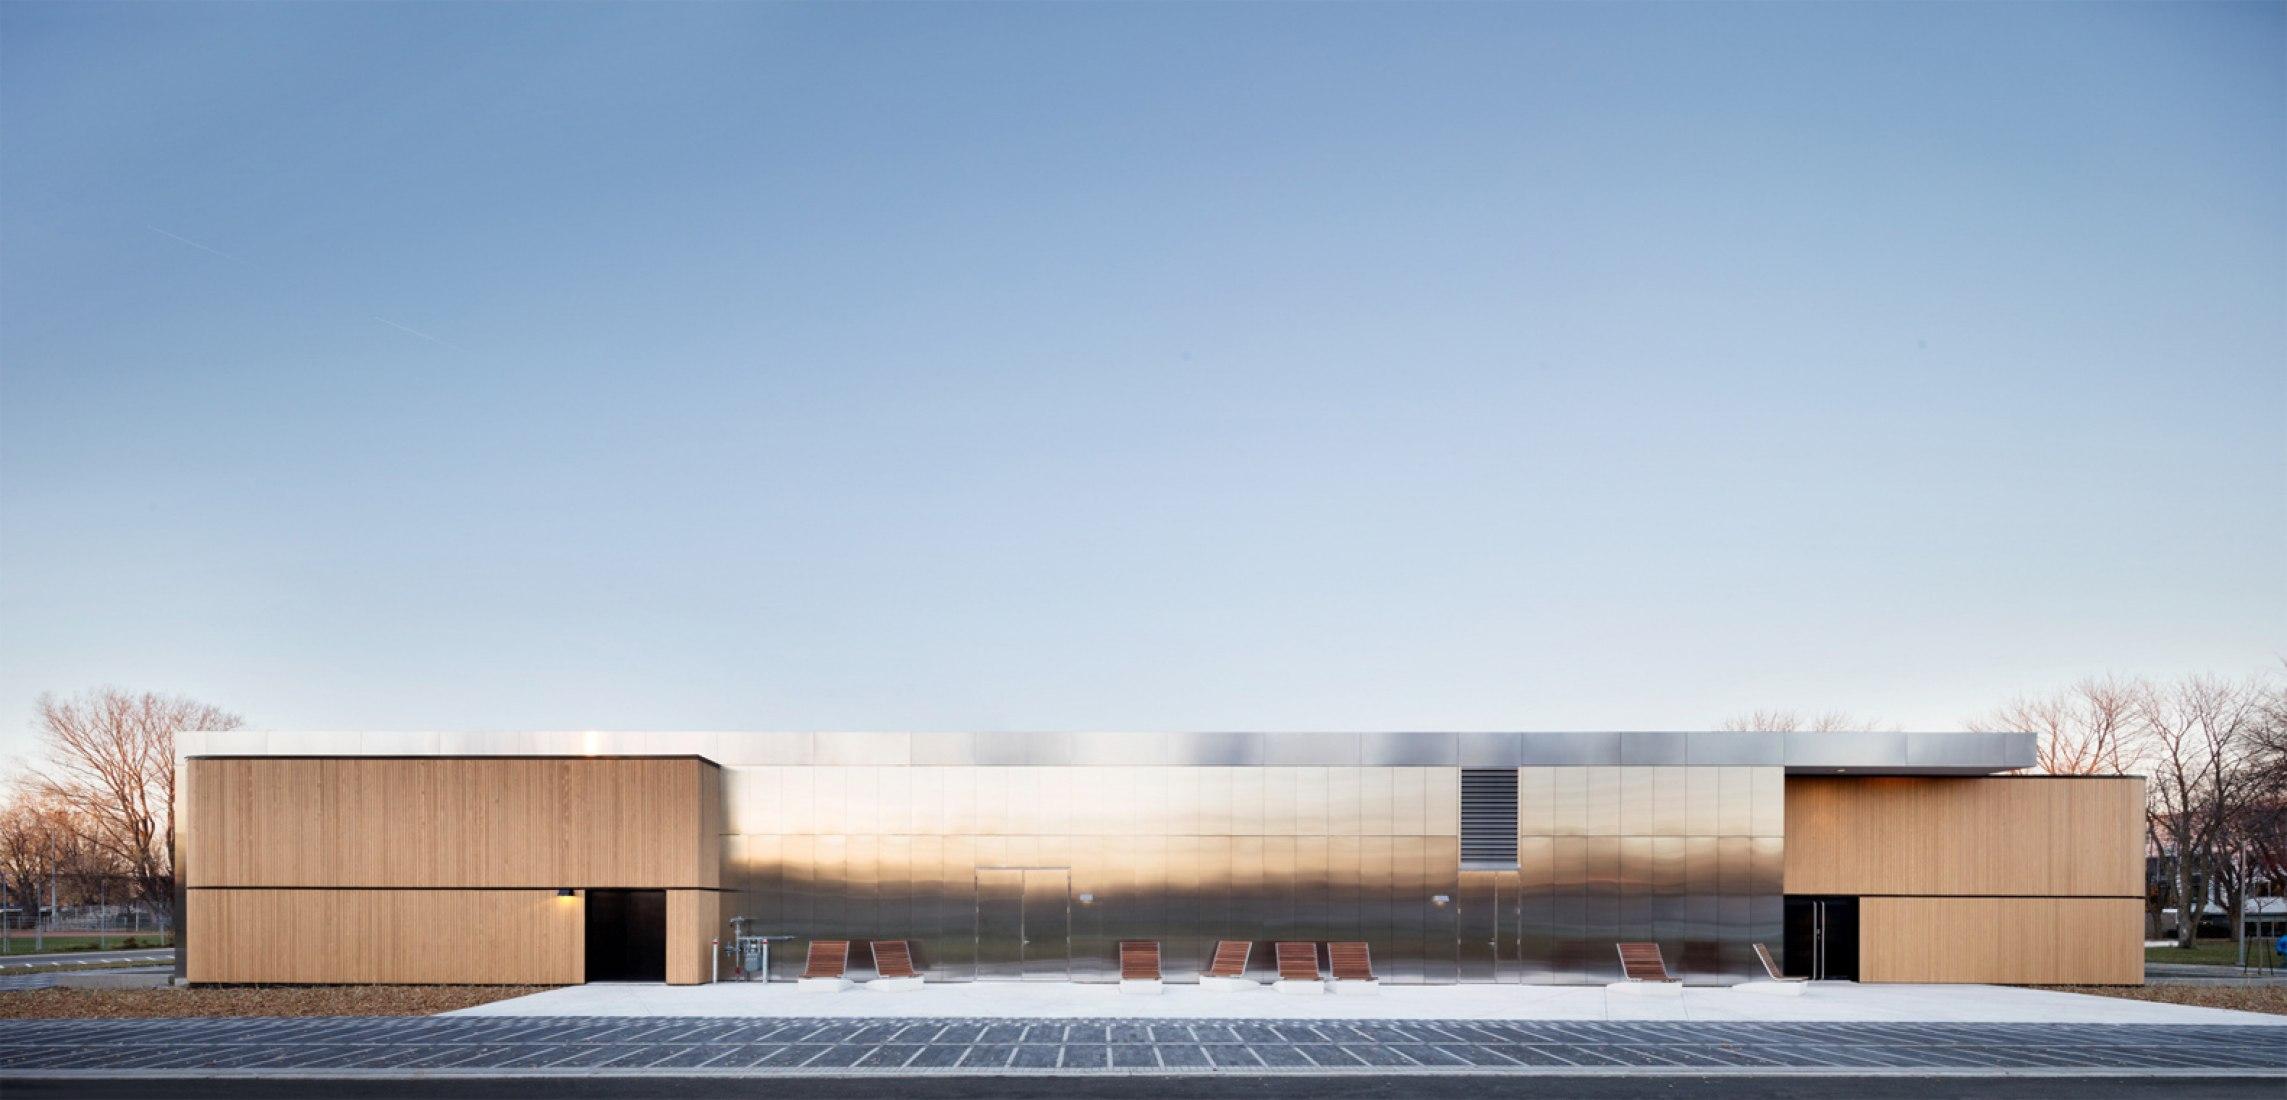 Centro de Arte Diane-Dufresne por ACDF Architecture. Vista de la fachada secundaria por la mañana. Fotografía © Adrien Williams.